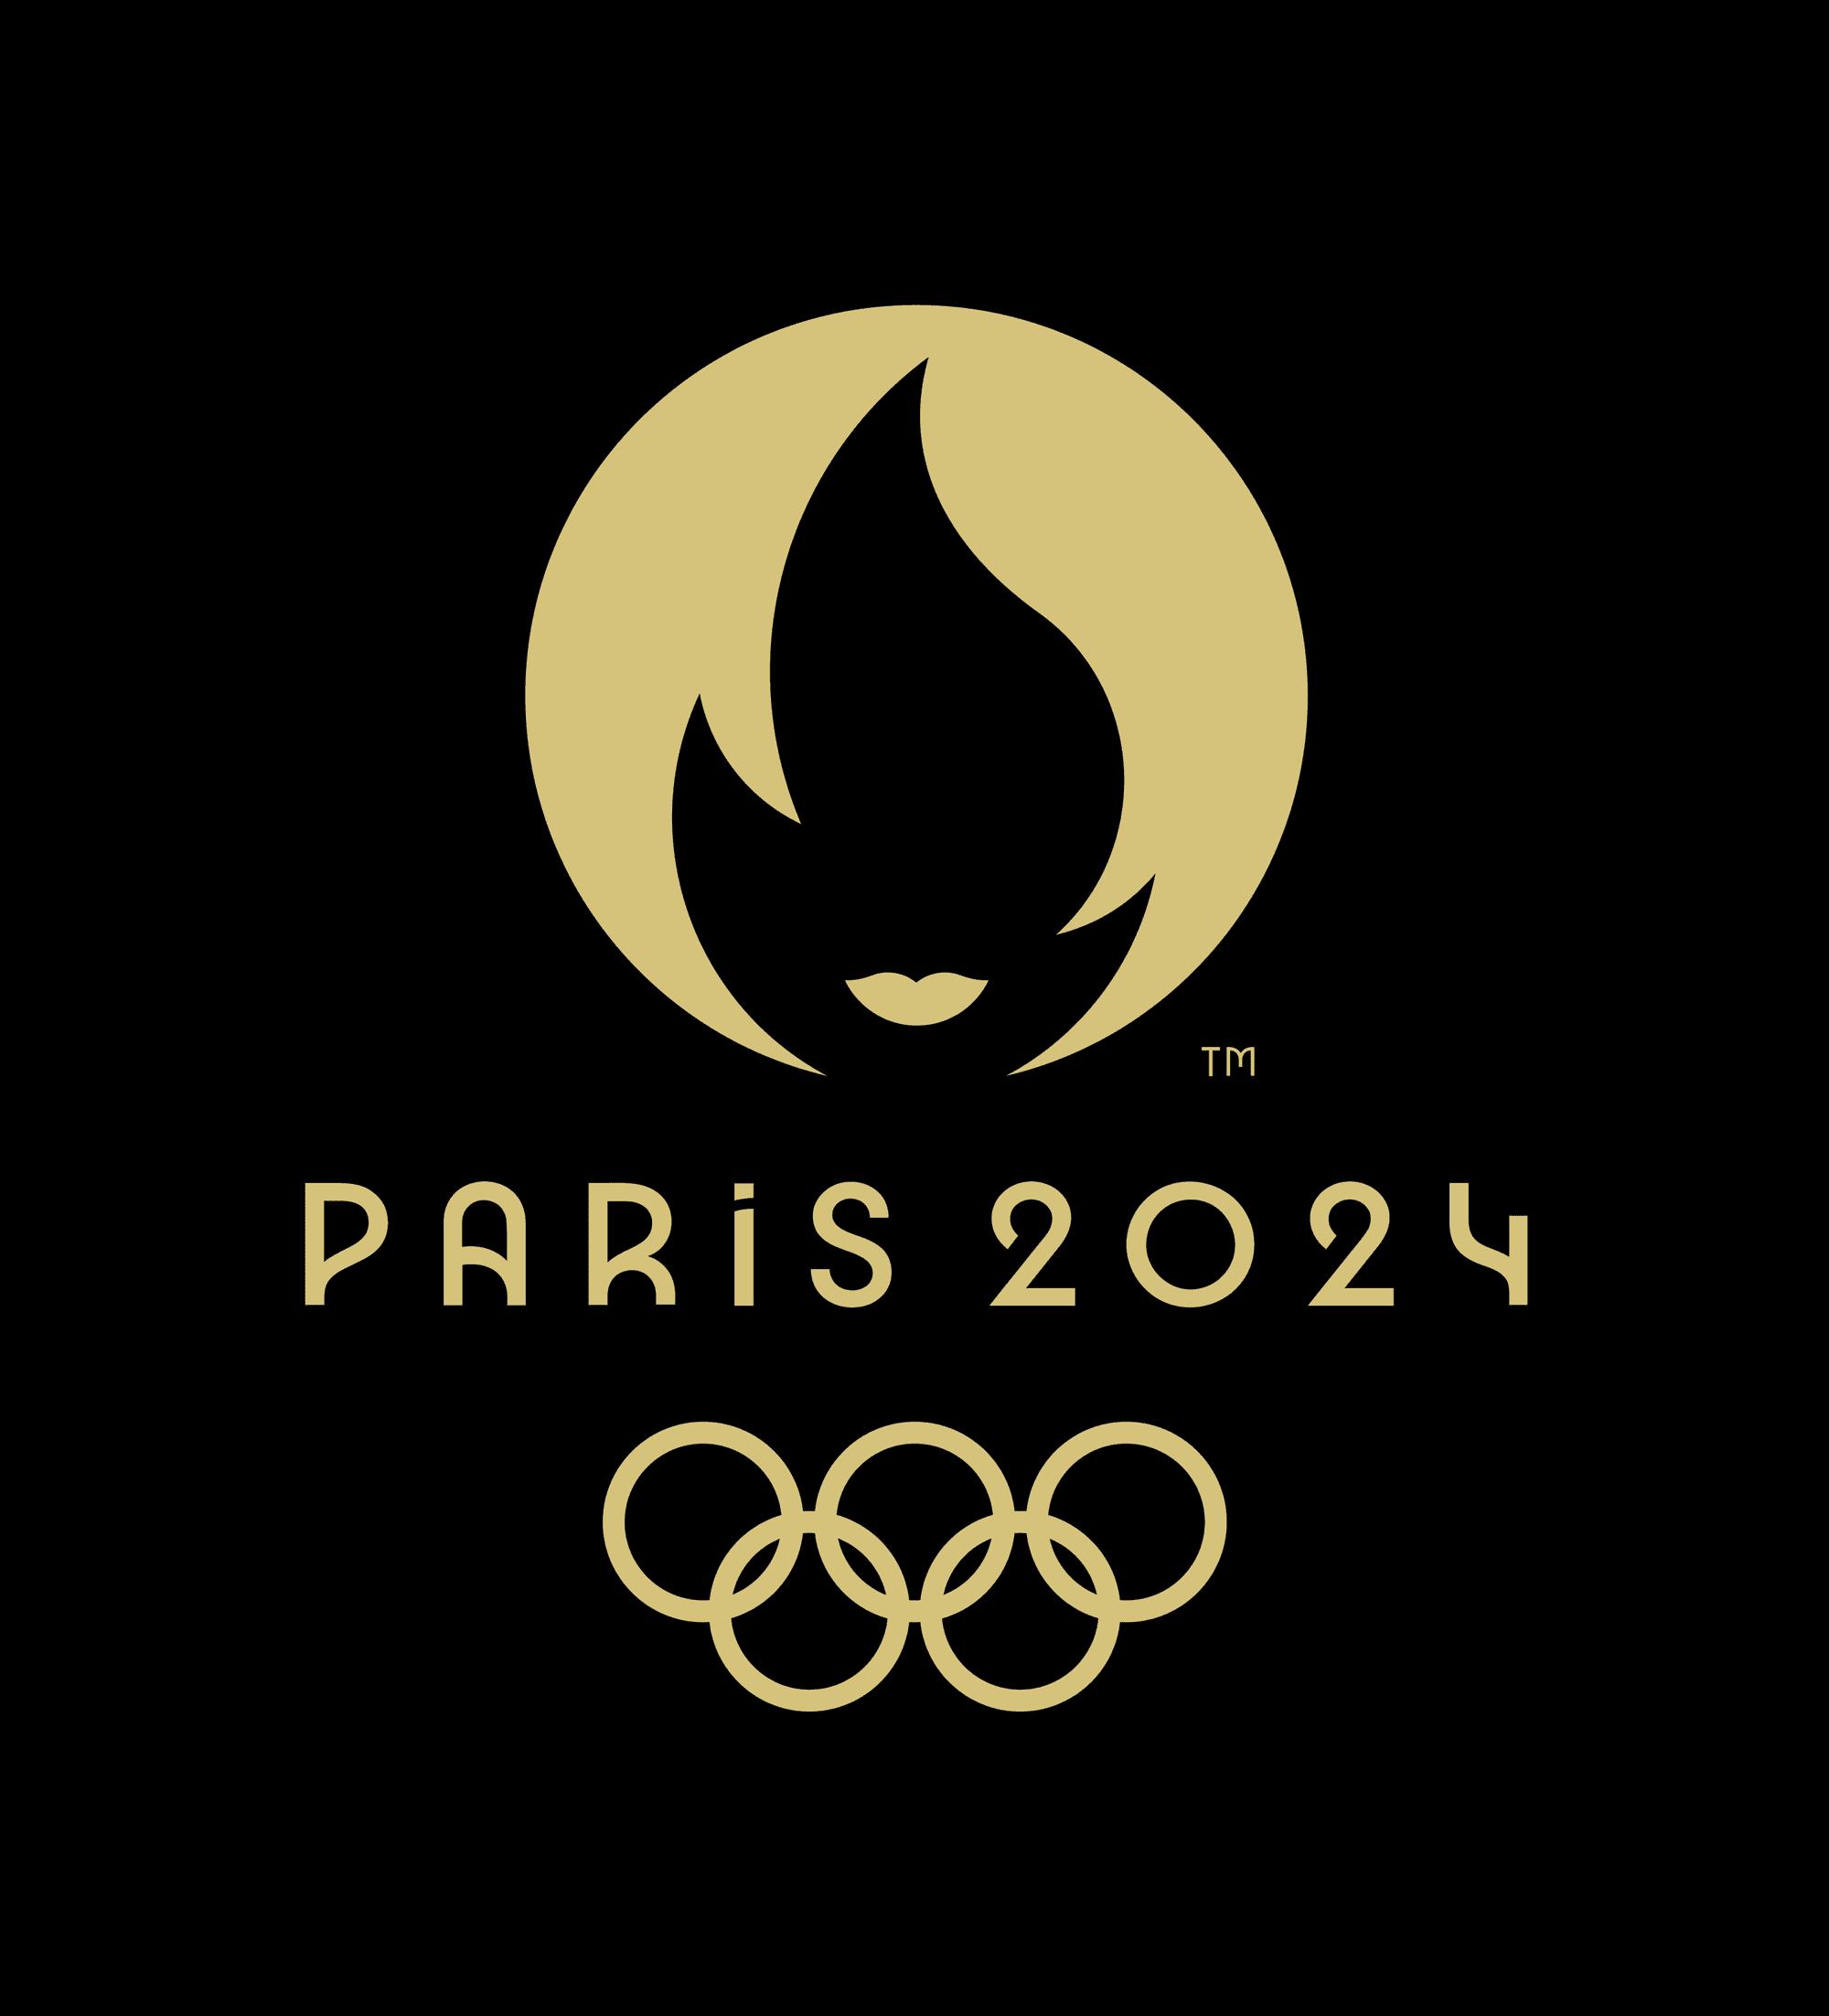 Logo das Olimpíadas 2024 com fundo preto